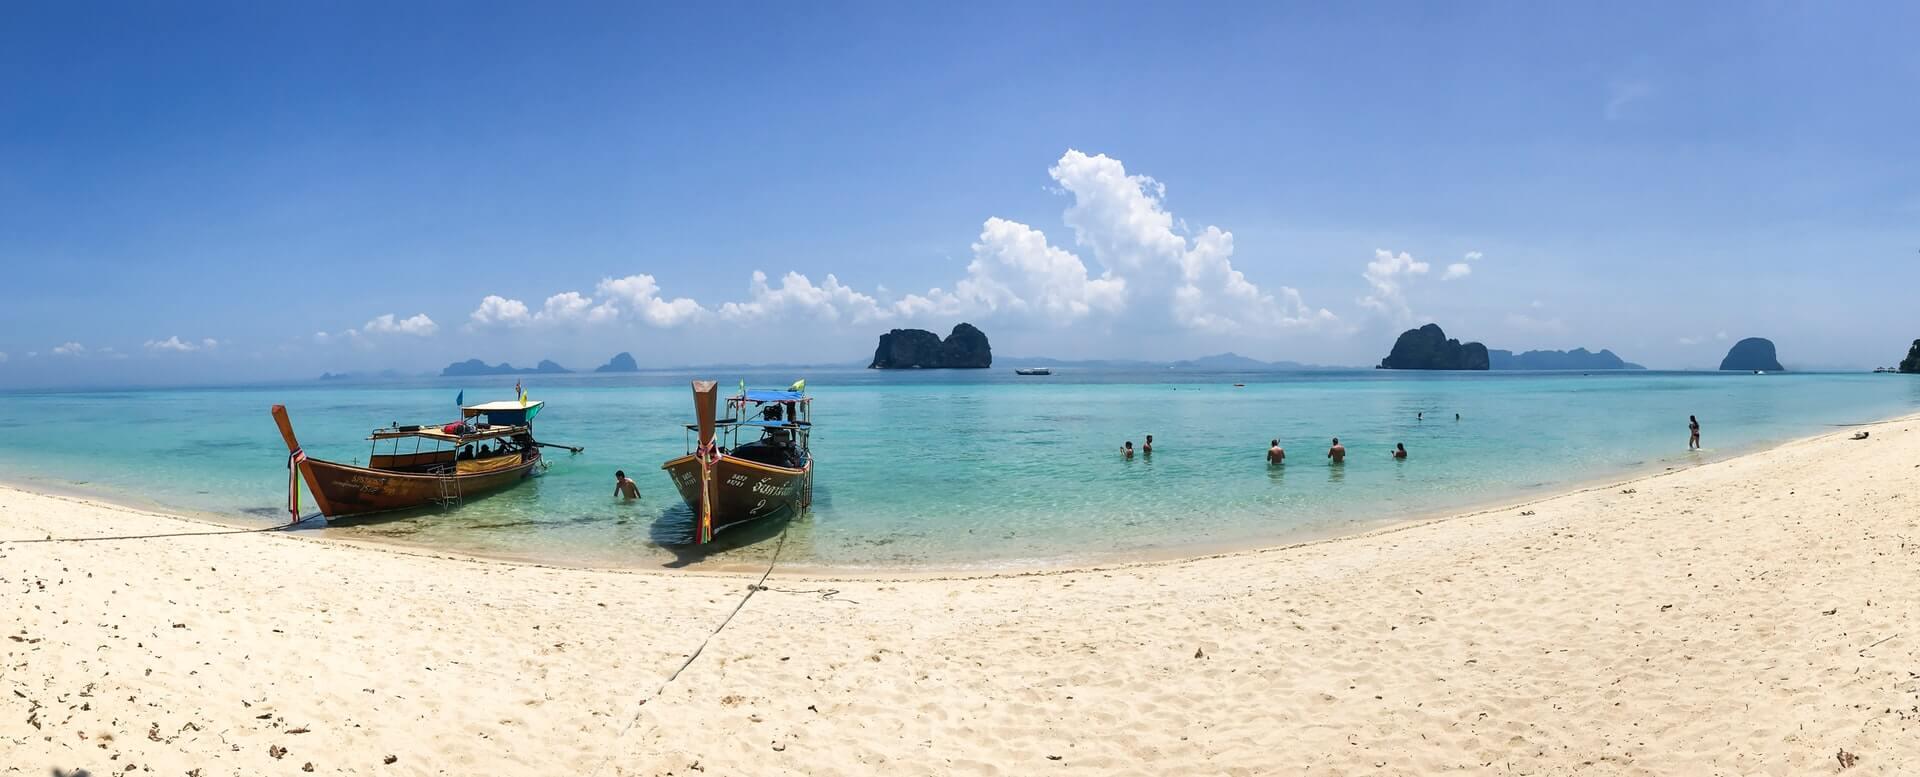 Rondreis Thailand 3 weken natuur avontuur en een echte backpackers vibe